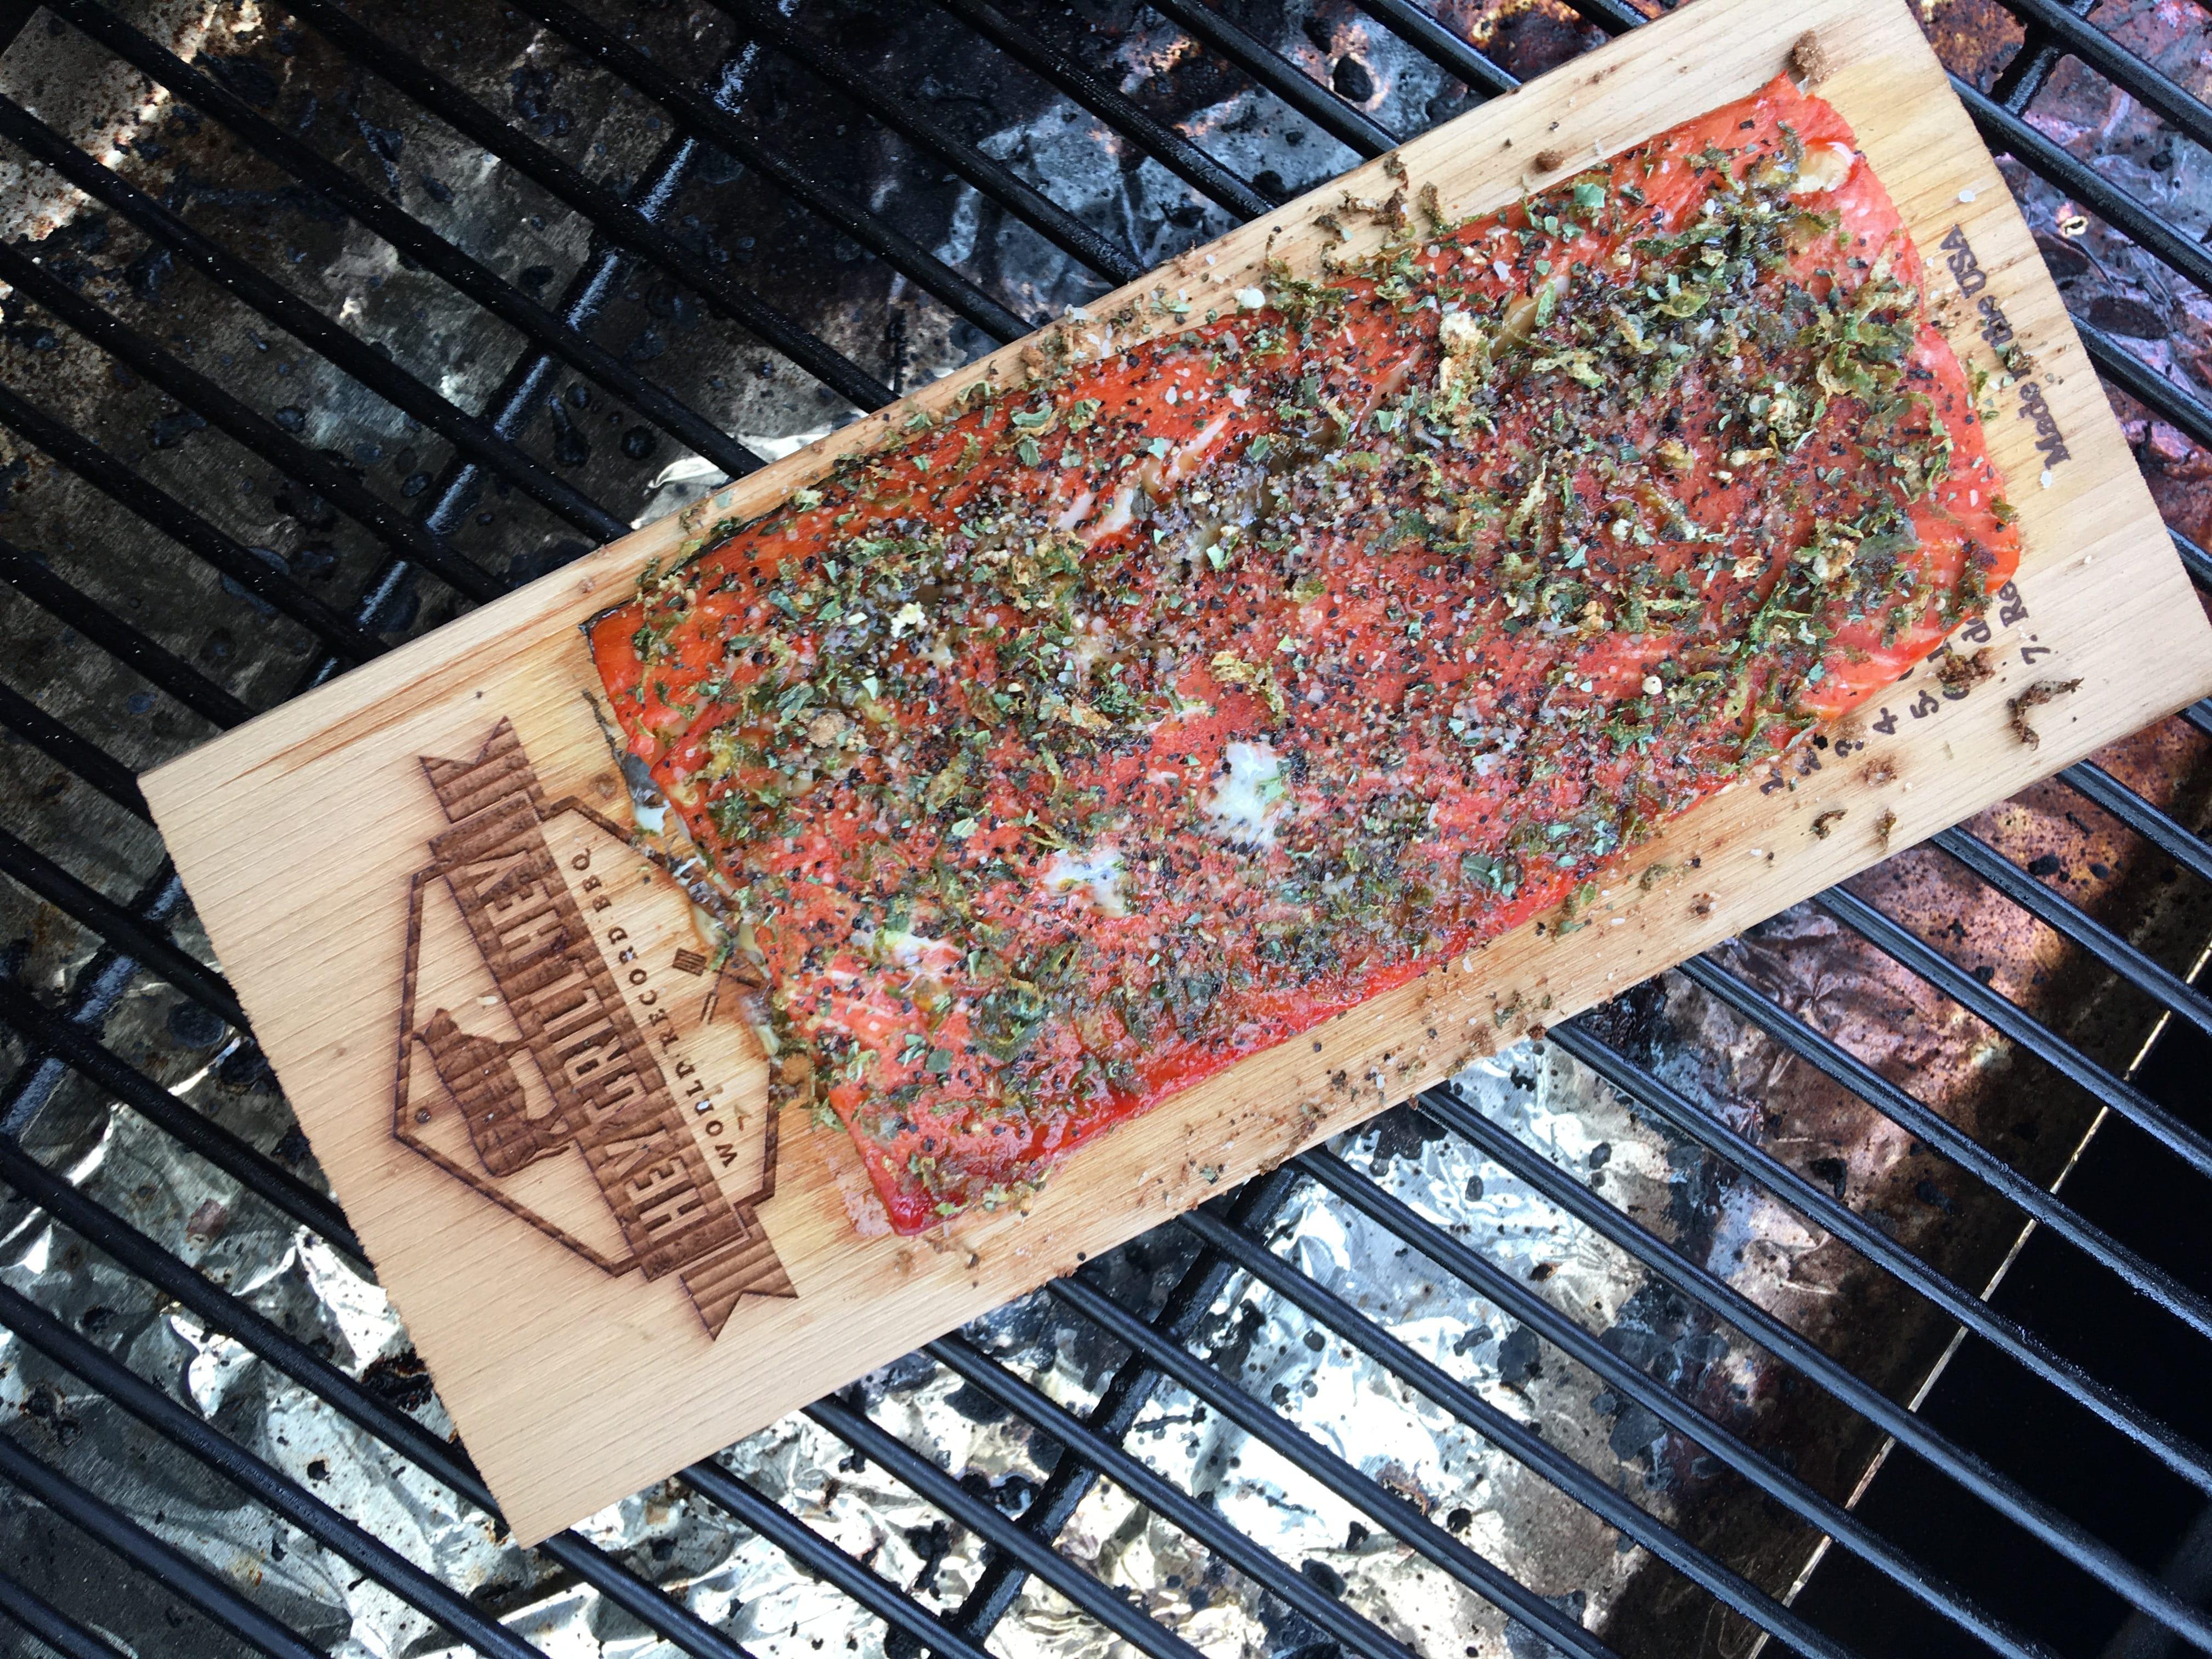 Cedar Plank Salmon on a cedar plank on the grill.